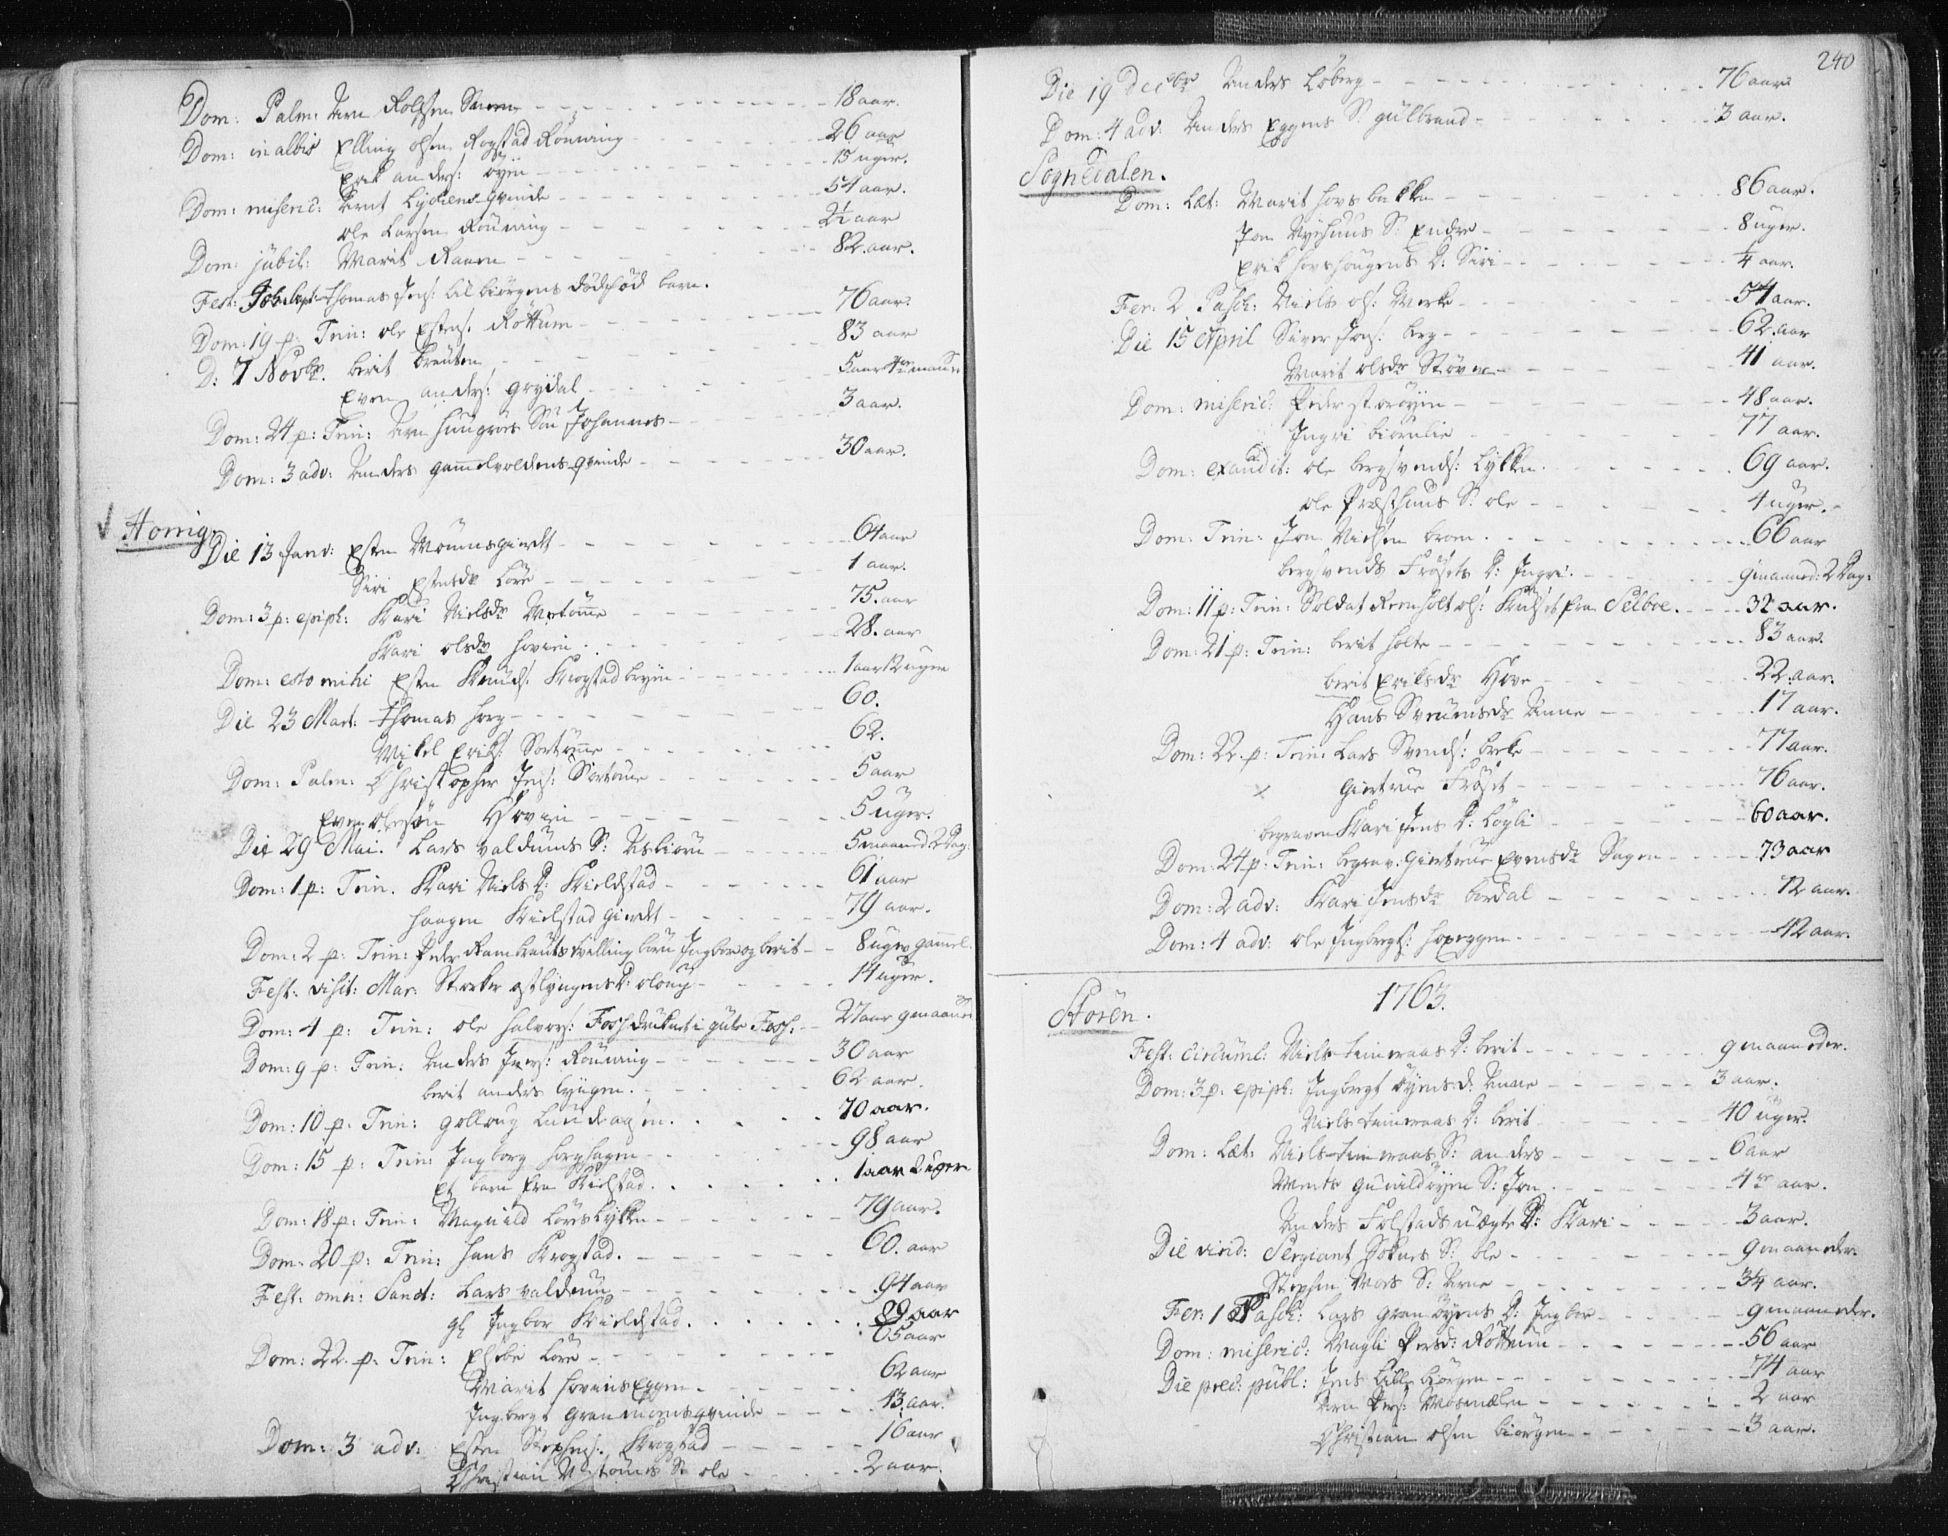 SAT, Ministerialprotokoller, klokkerbøker og fødselsregistre - Sør-Trøndelag, 687/L0991: Ministerialbok nr. 687A02, 1747-1790, s. 240